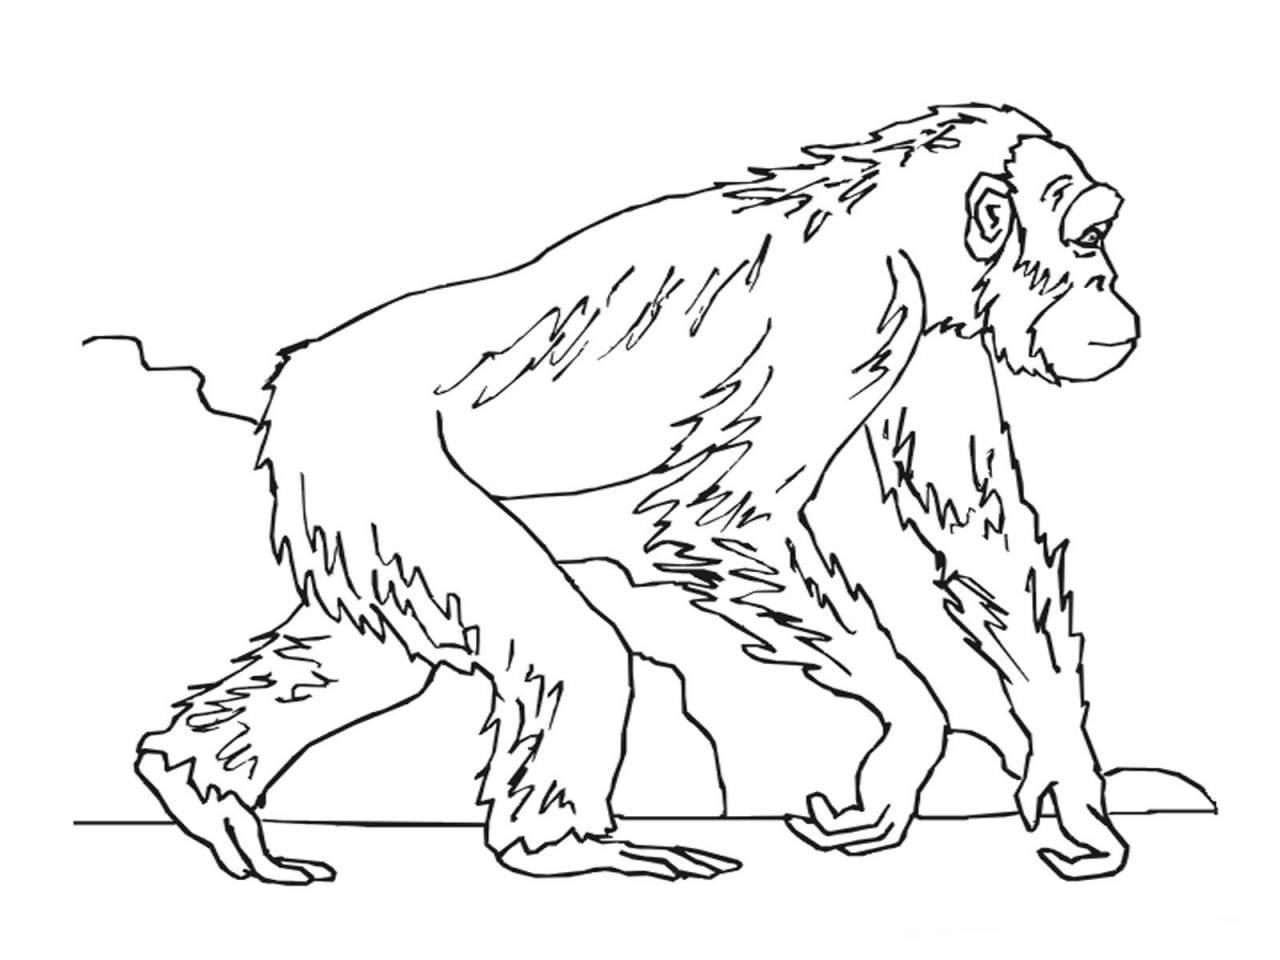 1280x960 Tremendous Chimpanzee Coloring Page Limited Unique To Color